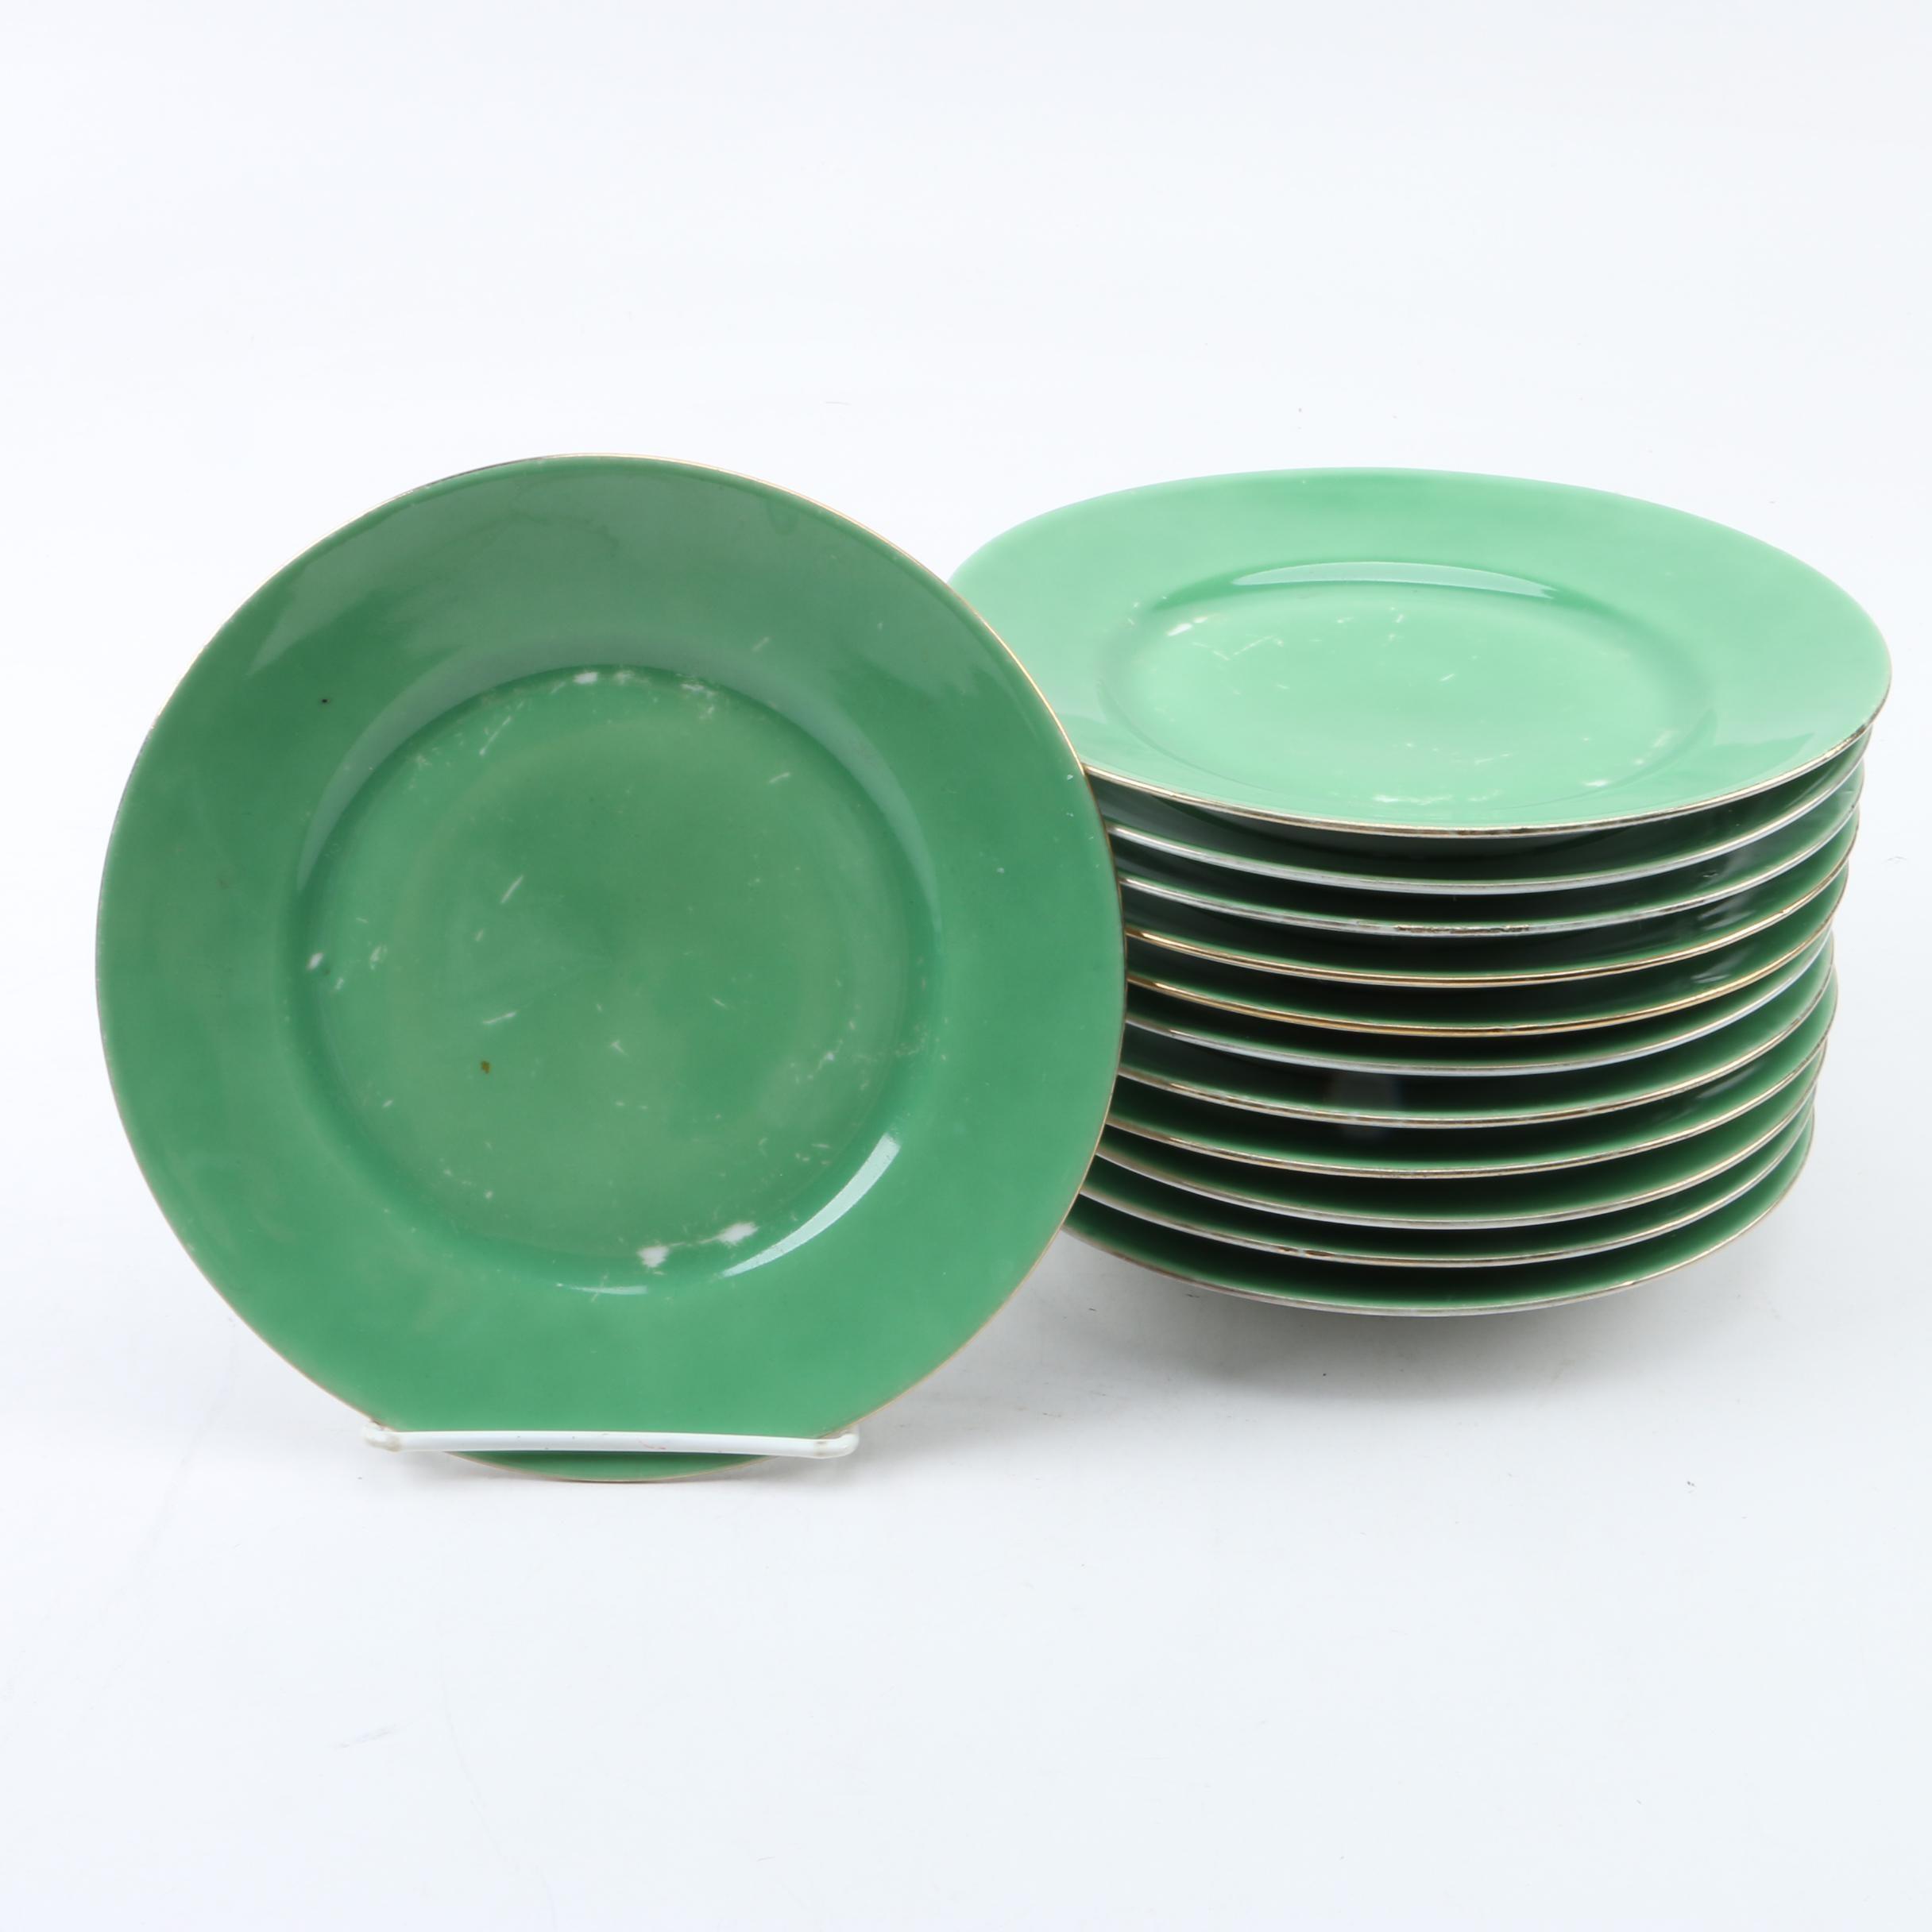 Vintage German Porcelain Dessert Plates